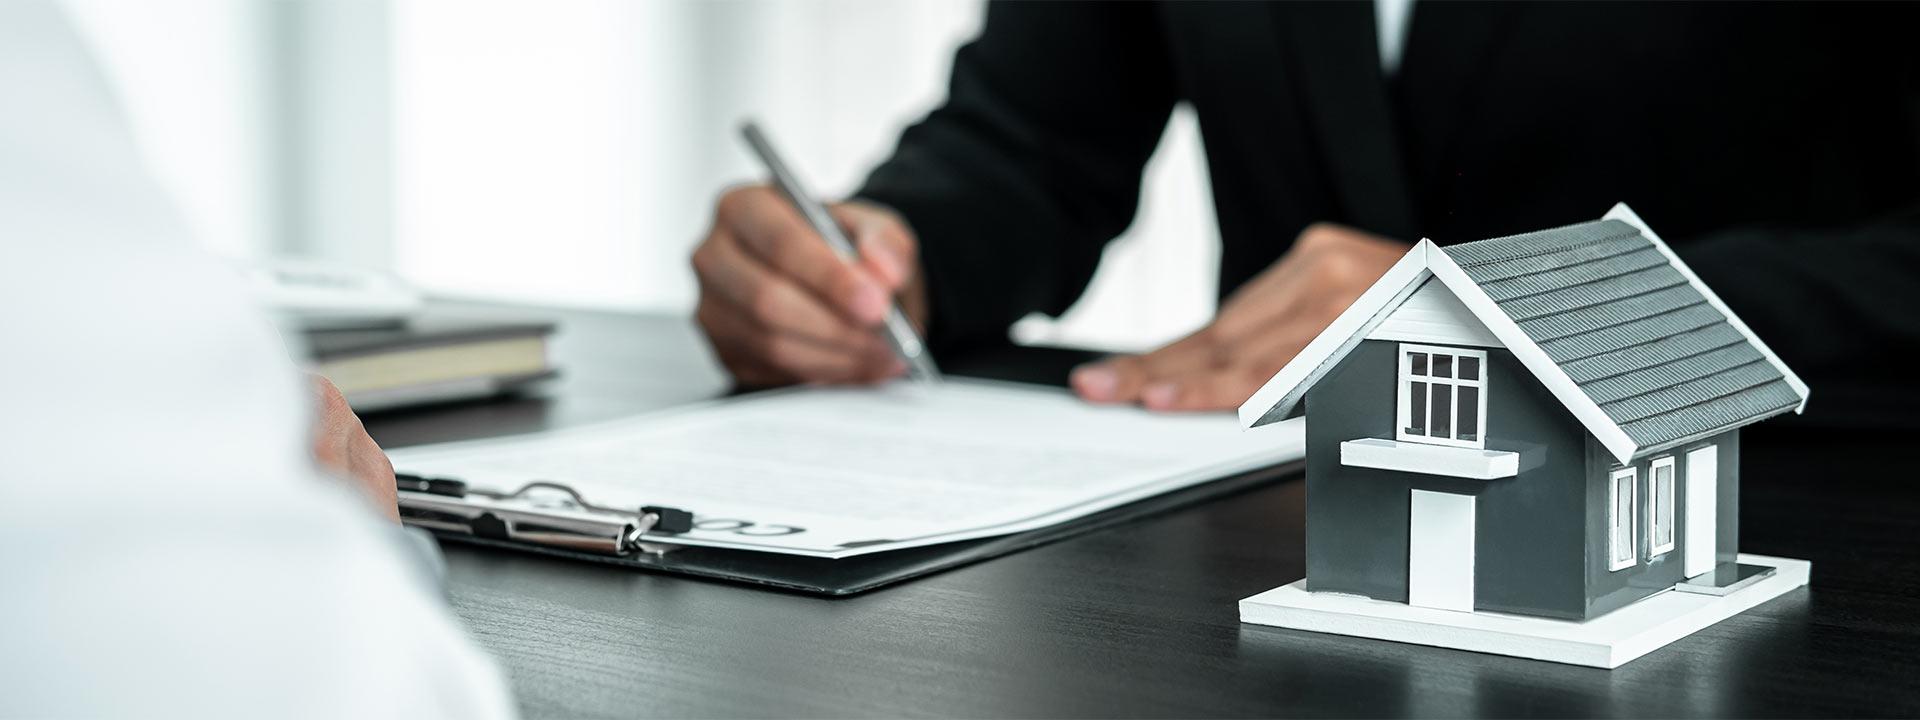 Immobilienberater in Hannover beraten einen Kunden